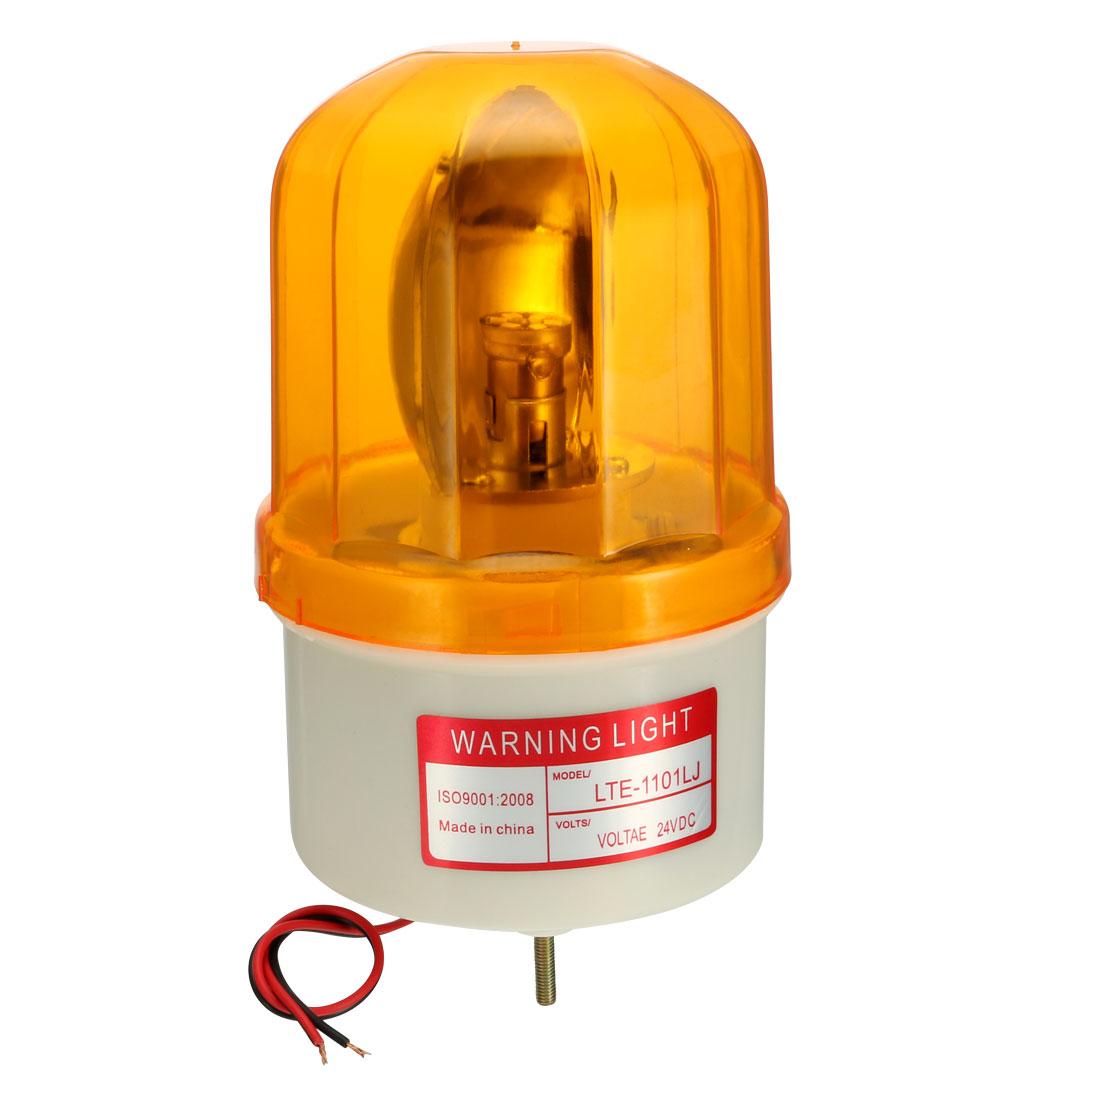 LED Warning Light Rotating Flash Signal Lamp Buzzer 90dB DC 24V Yellow LTE1101LJ